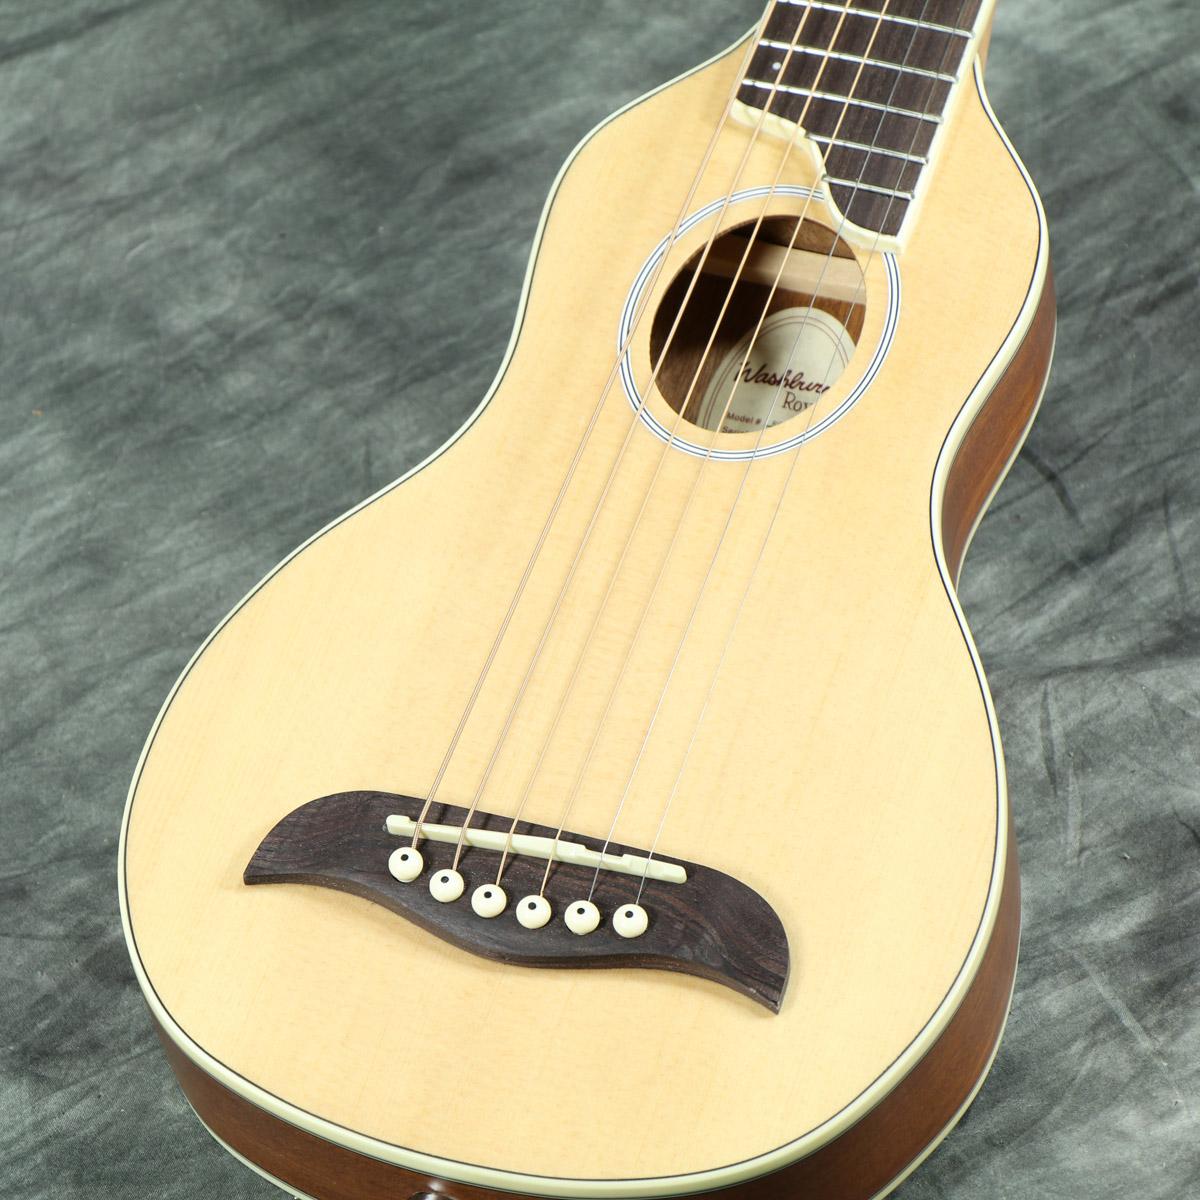 【タイムセール:29日12時まで】Washburn / RO10SK (ナチュラル) 【トラベルギター】 ワッシュバーン ミニ アコースティックギター アコギ RO-10